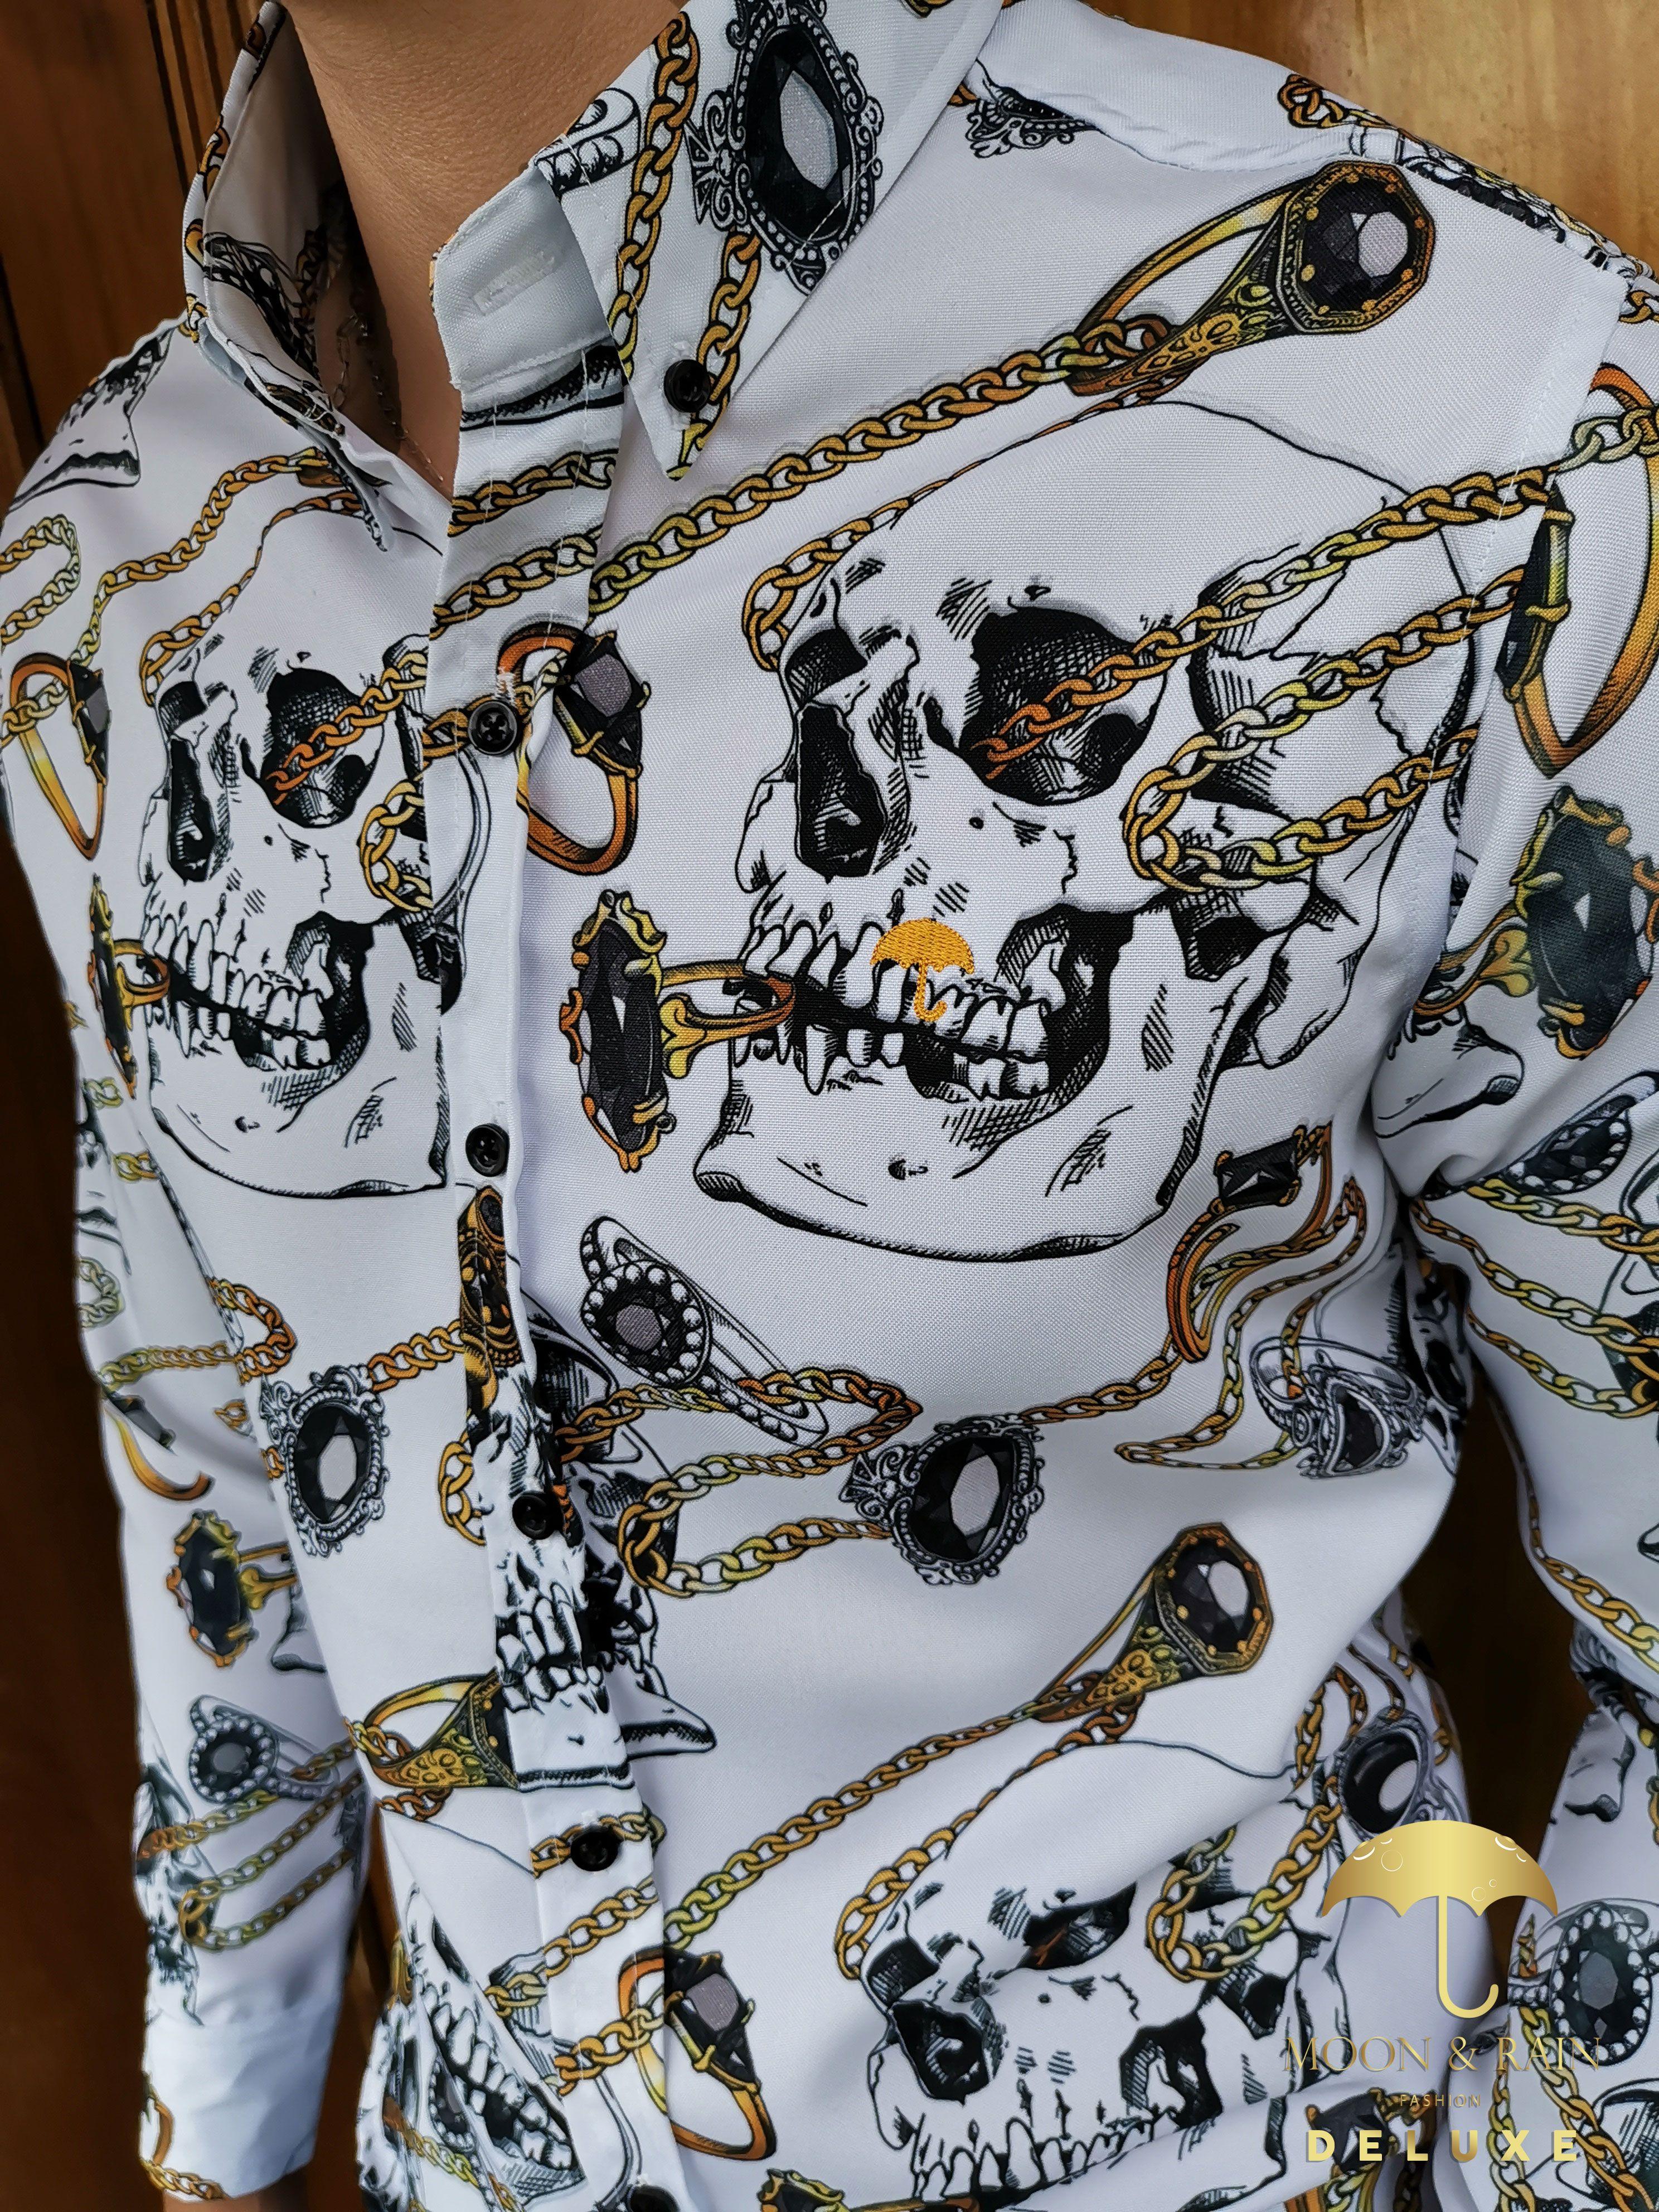 Camisa Blanca Calaveras Y Cadenas Doradas Ropa De Hombre Jeans De Mezclilla Camisas